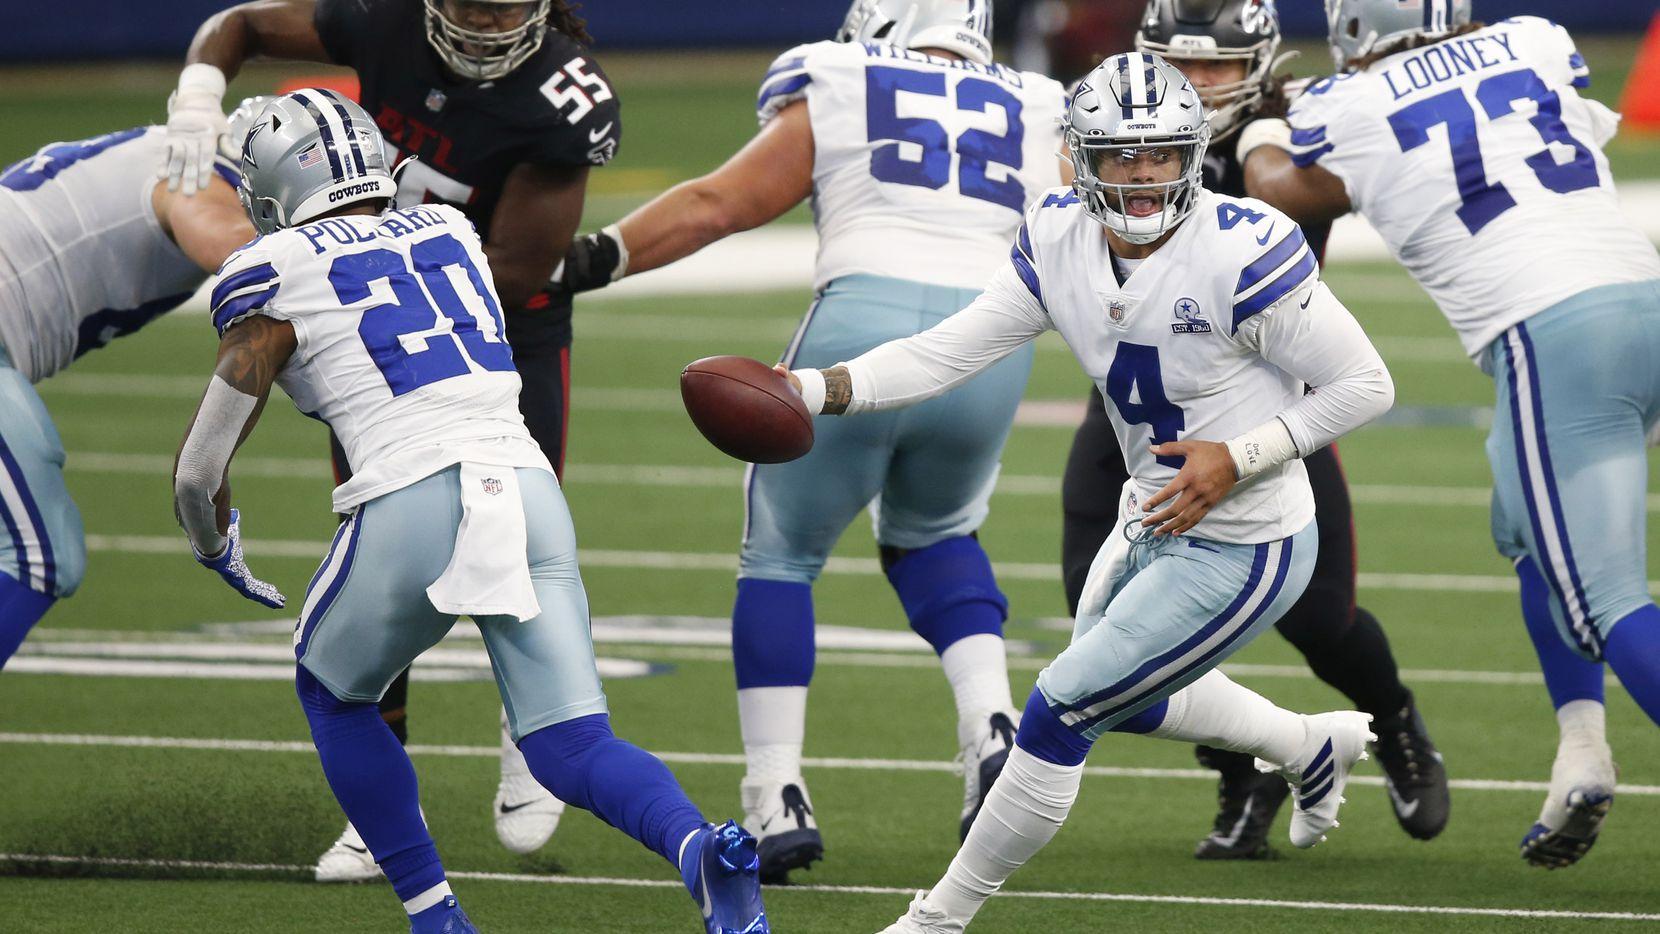 El mariscal de los Dallas Cowboys, Dak PrescottDallas (4), comandó uno de los regresos más espectaculares en la historia de la franquicia al vencer porr marcador de 40-39 a los Falcons de Atlanta, el 20 de septiembre de 2020 en el AT&T Stadium de Arlington.